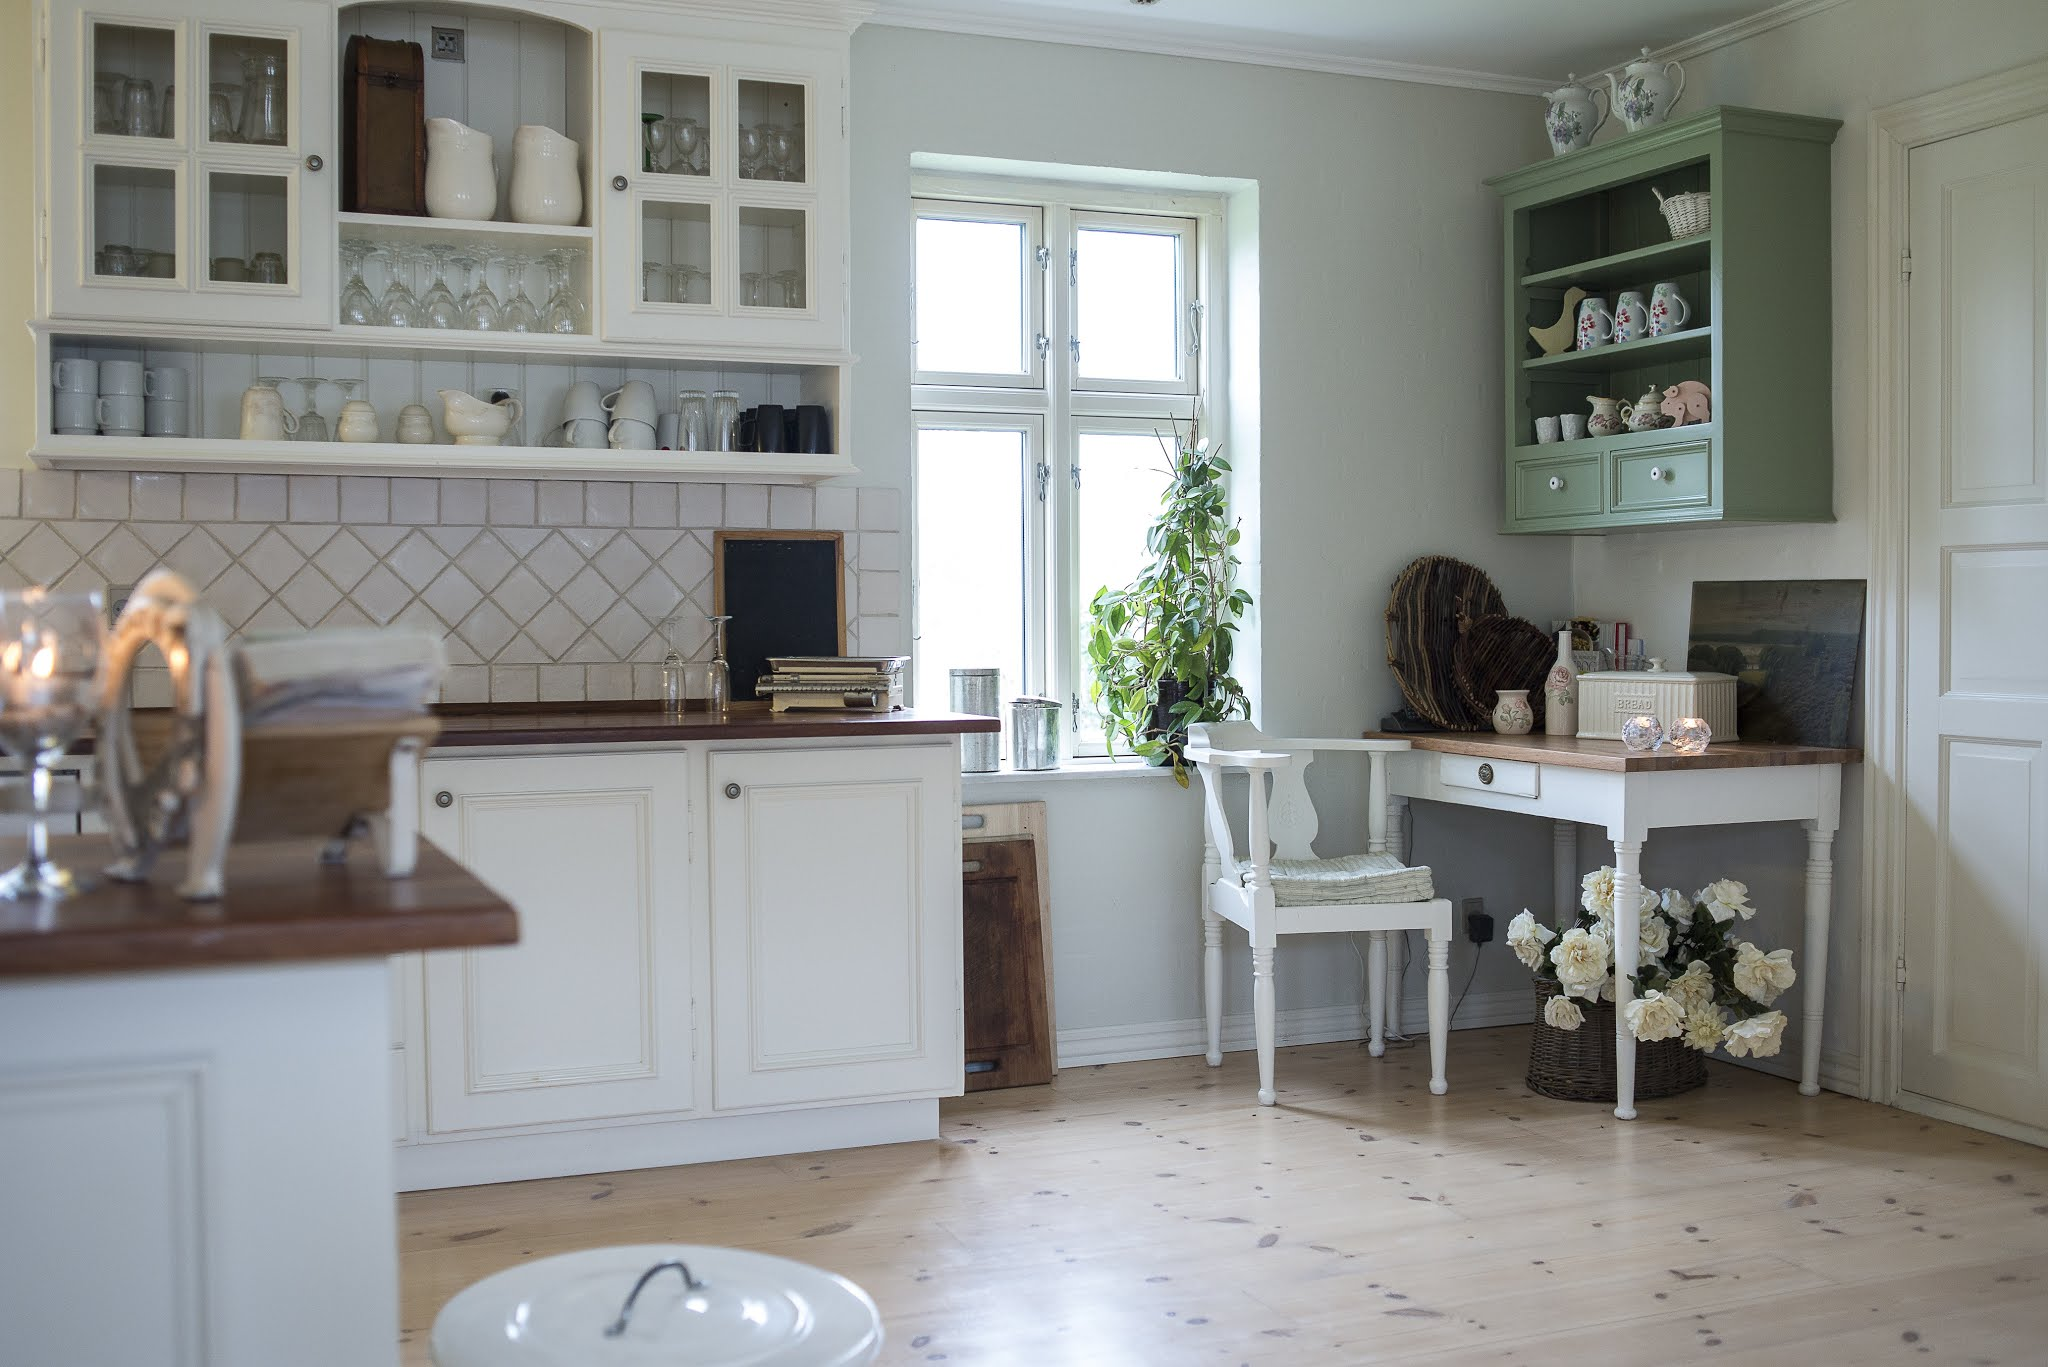 Một số mẹo vặt giúp trang trí nhà cửa tiết kiệm